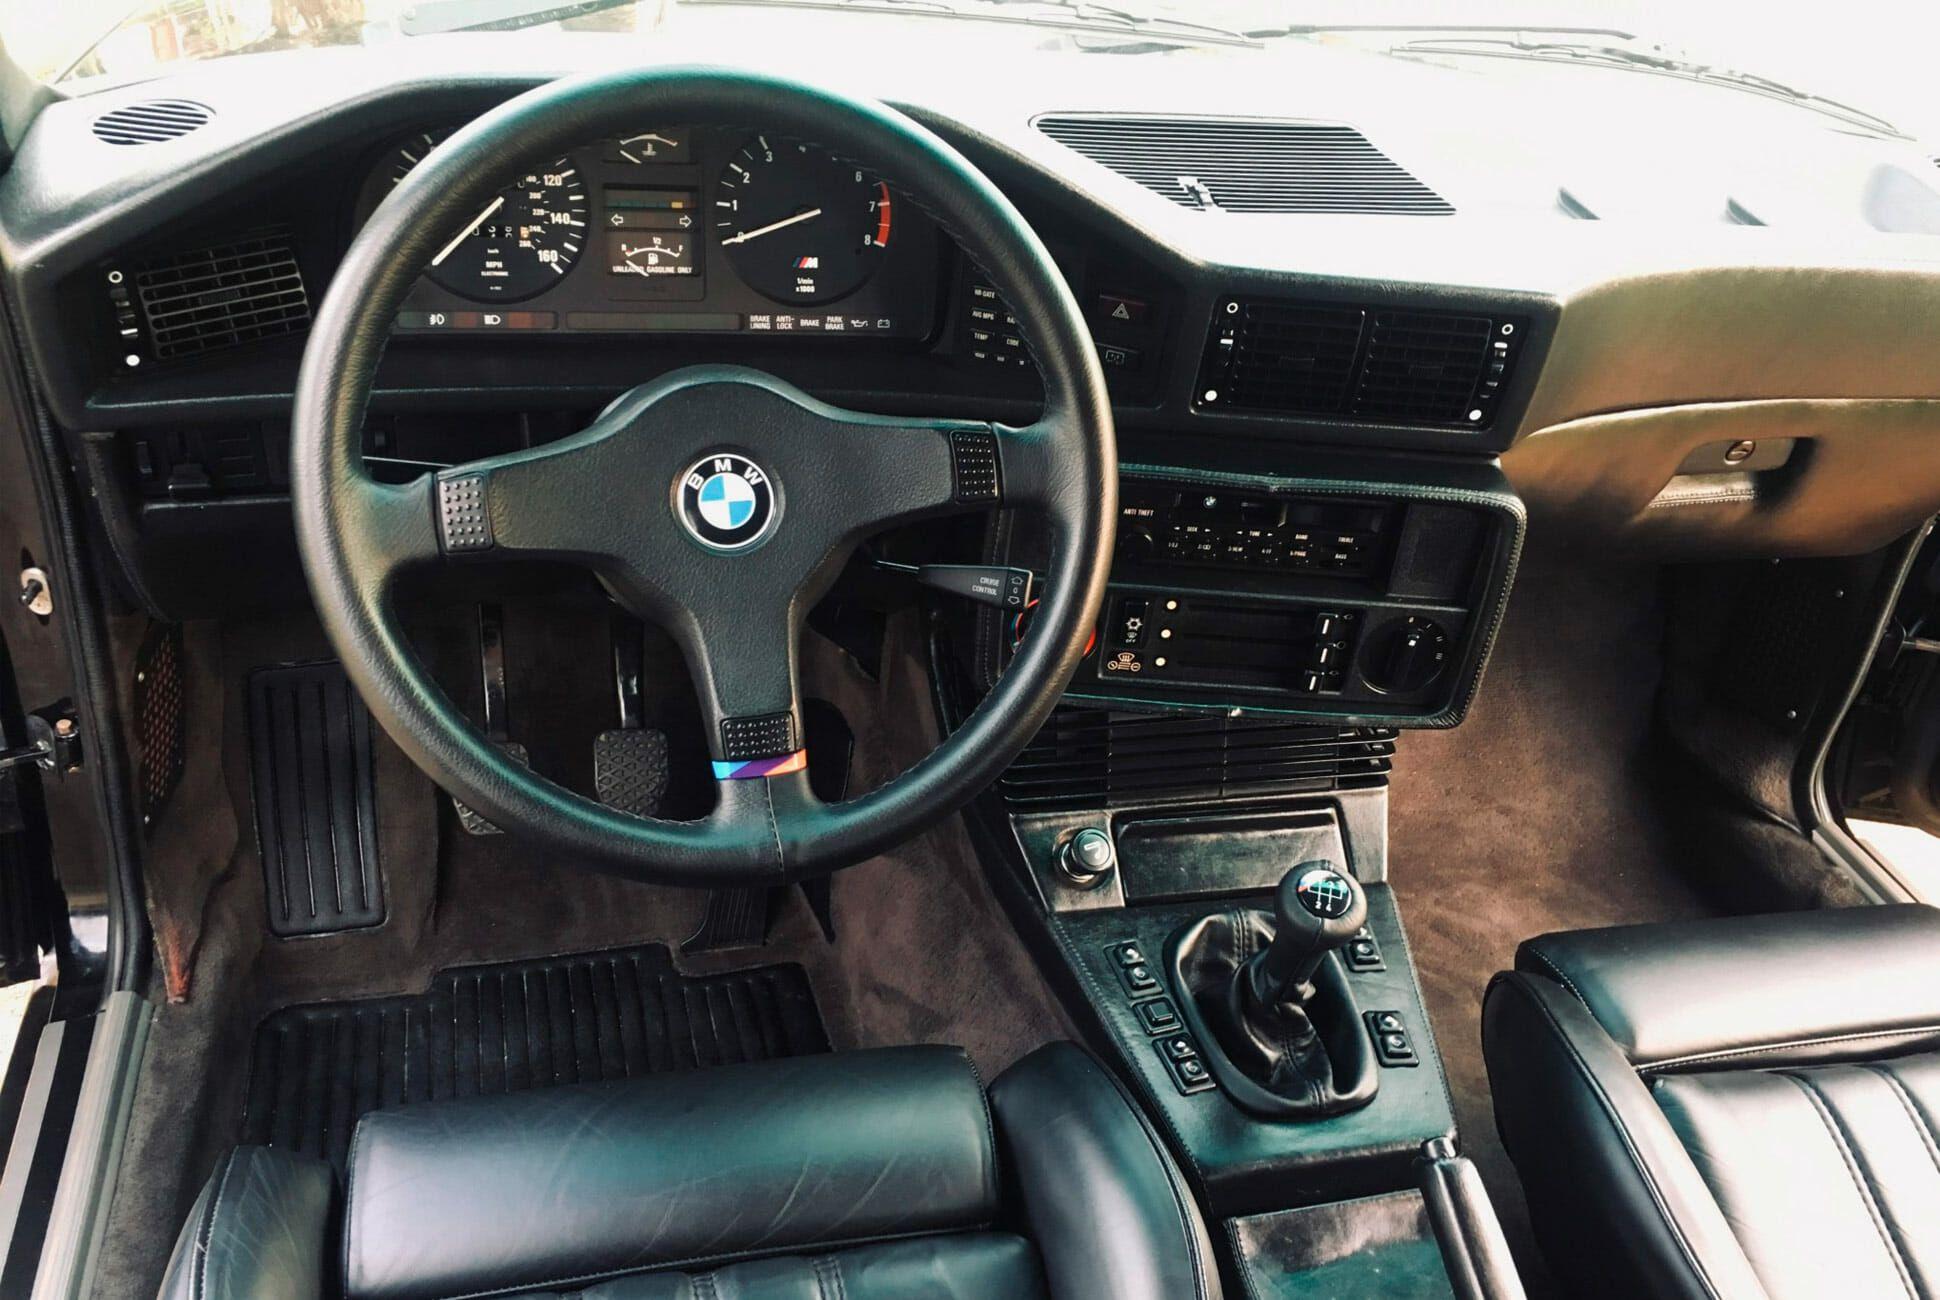 1988-BMW-M5-gear-patrol-slide-4